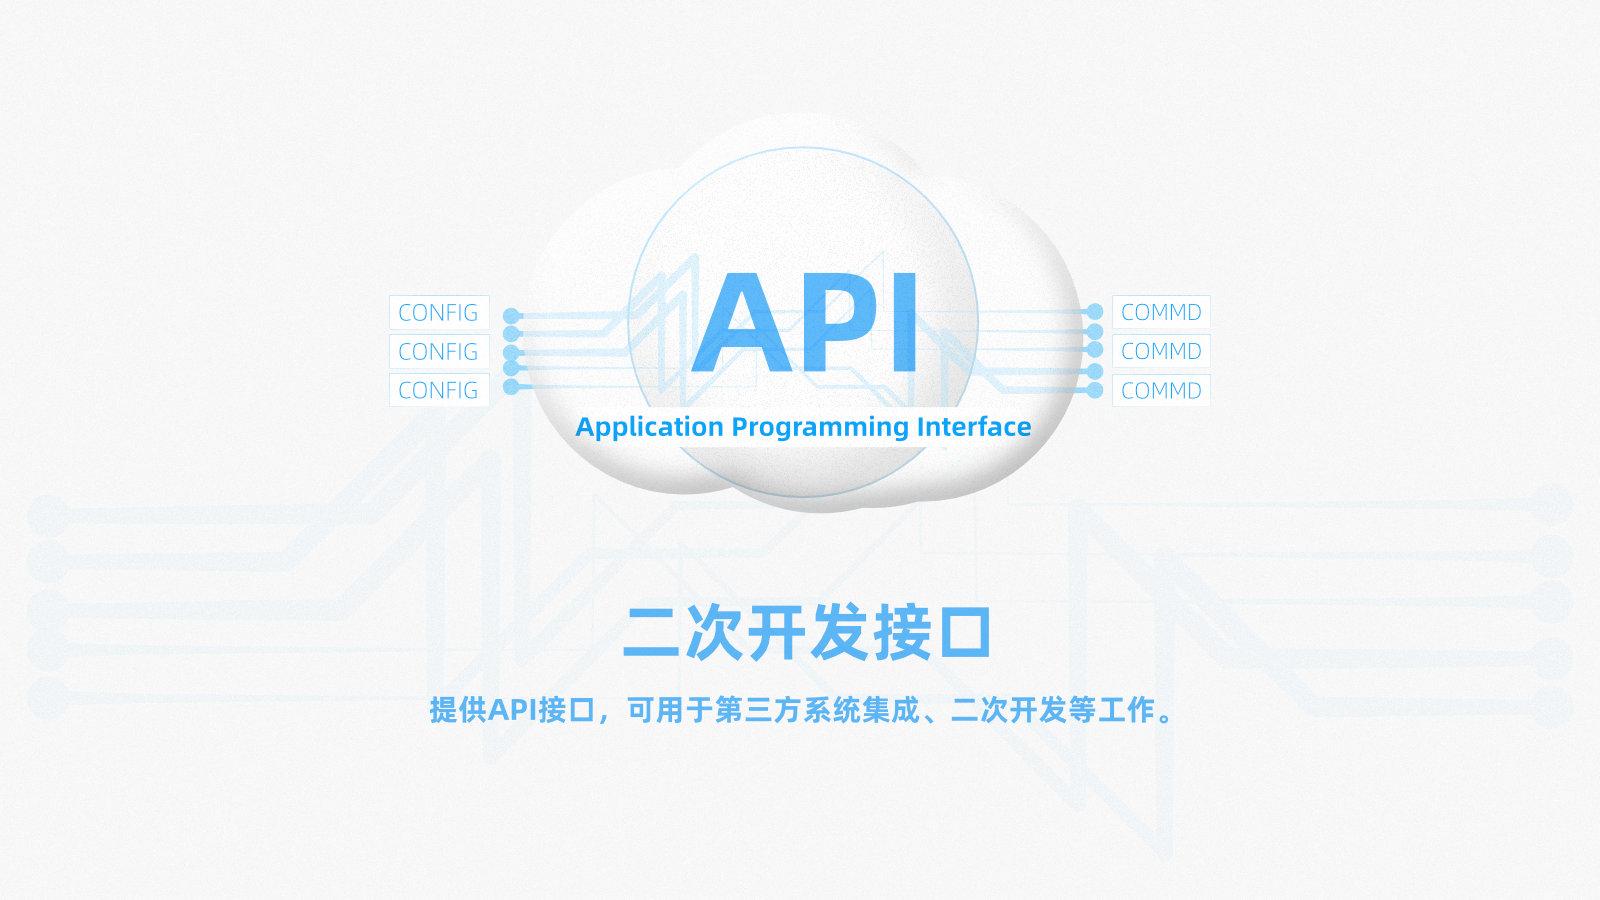 艾克斯SD-WAN系统提供完善的API接口